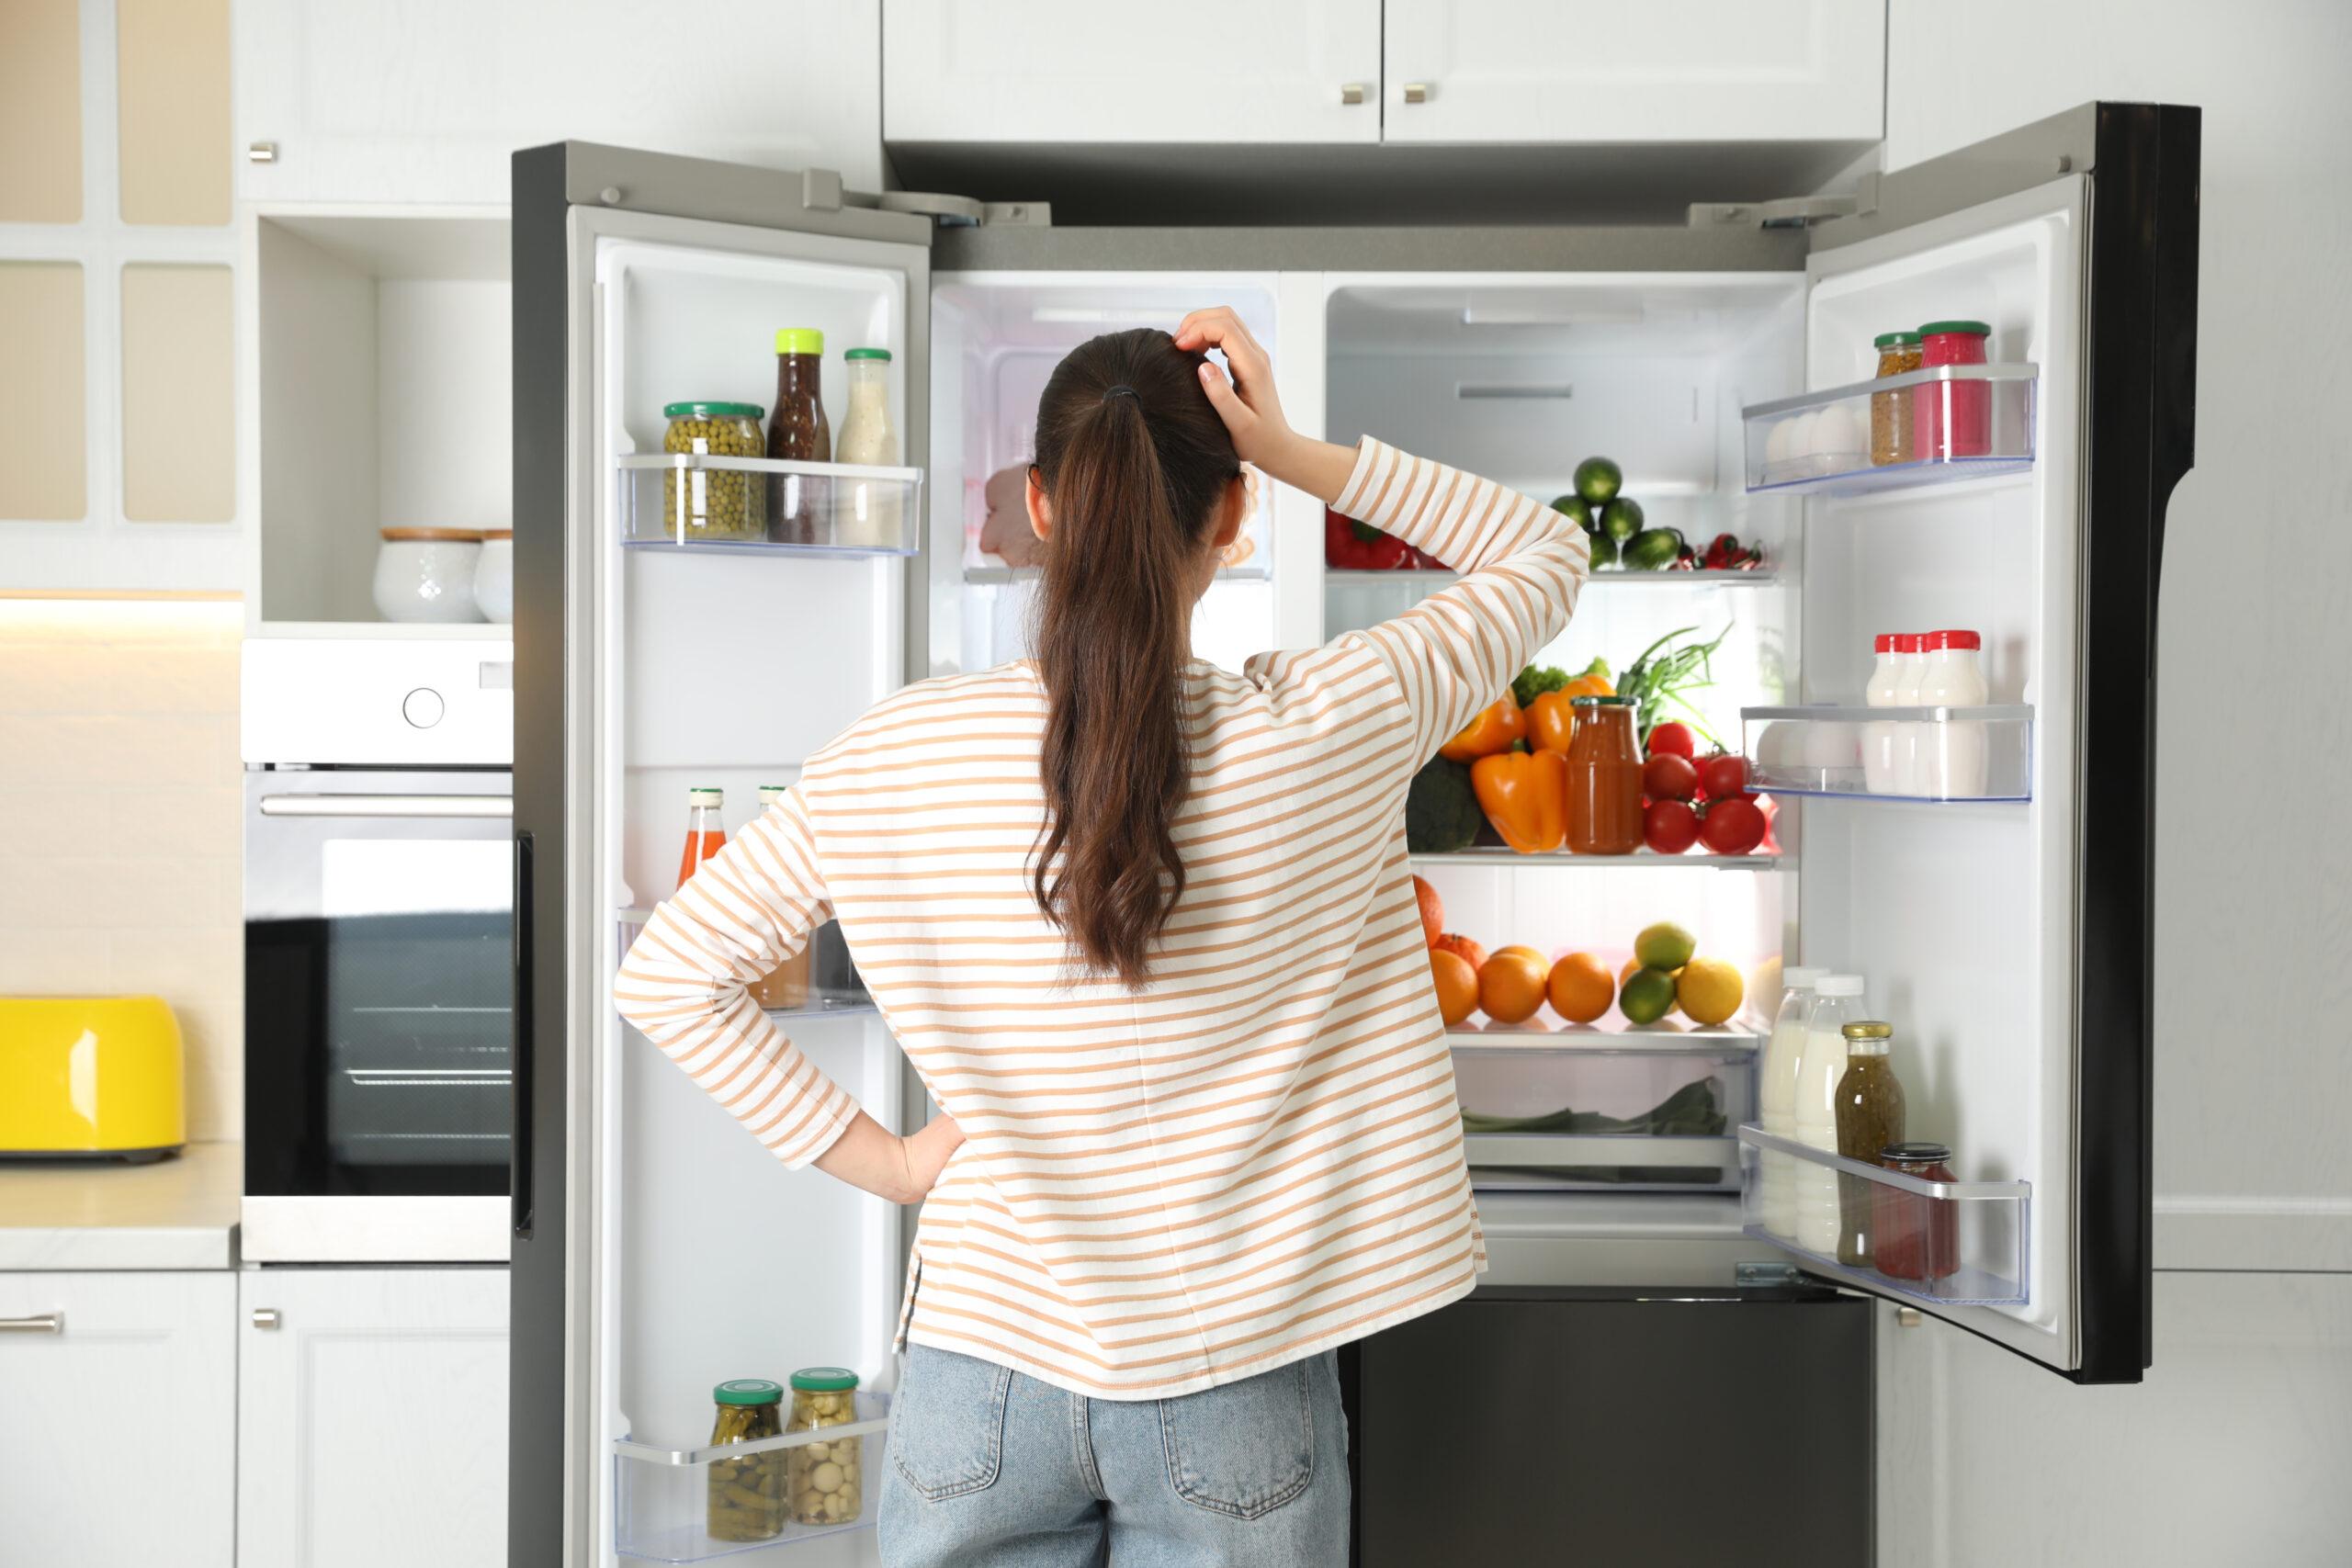 型抜き前にもう一度冷蔵庫に戻してみて